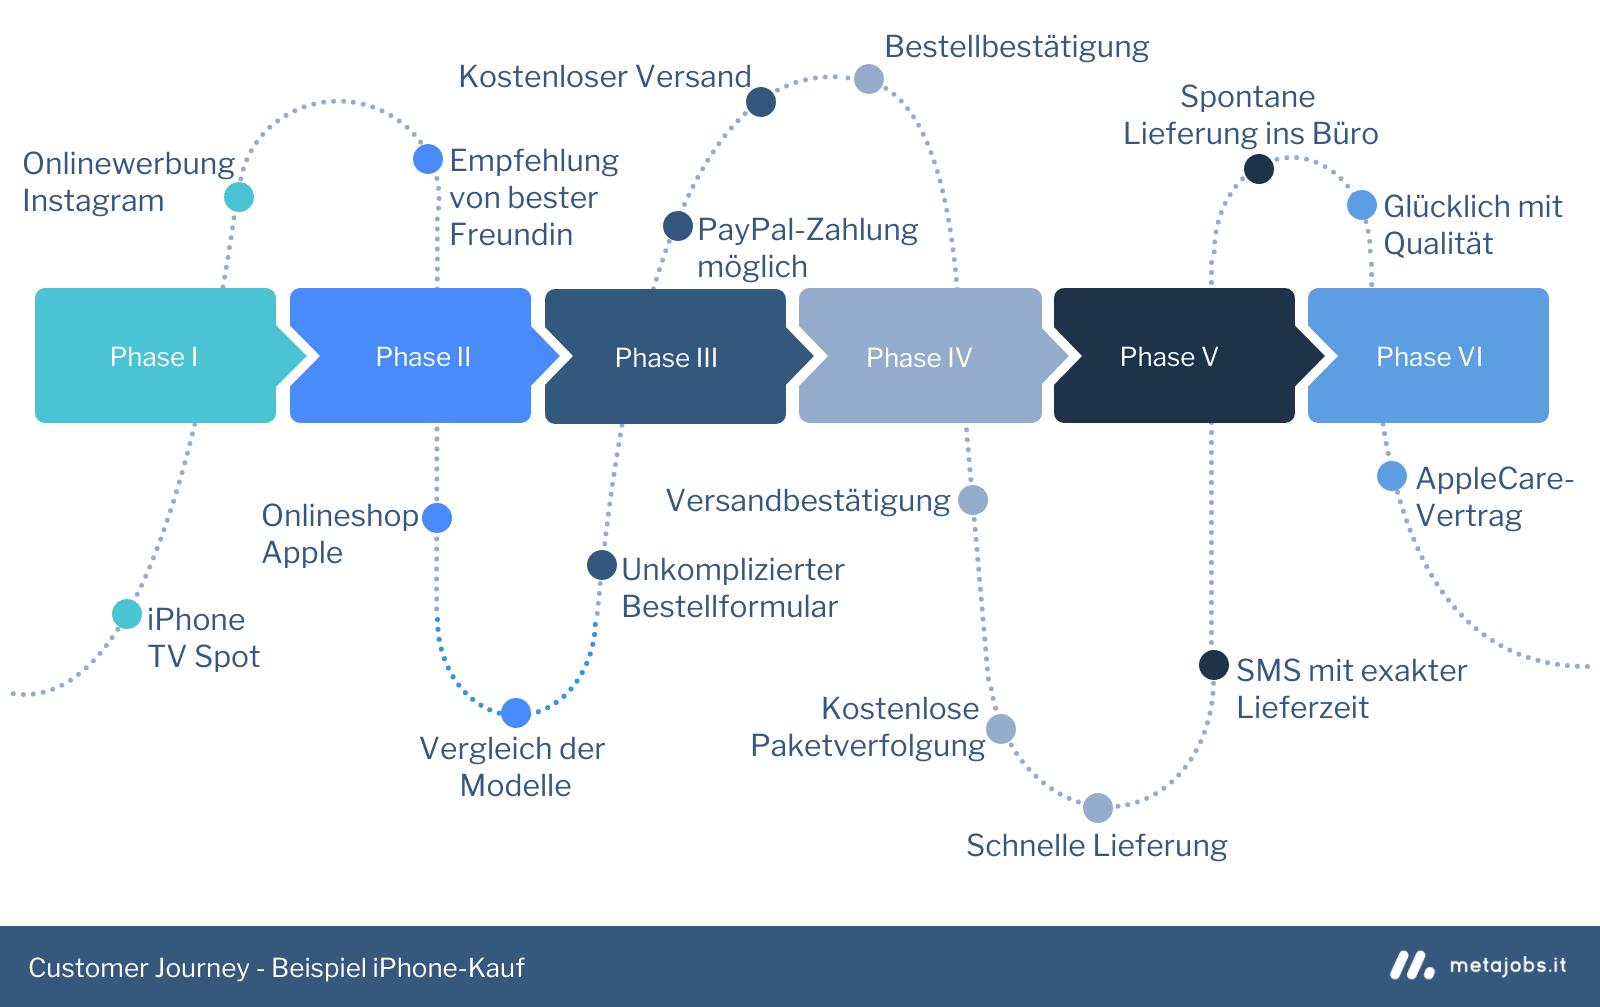 Beispiel Customer Journey mit möglichen Touchpoints beim iPhone Kauf - Infografik